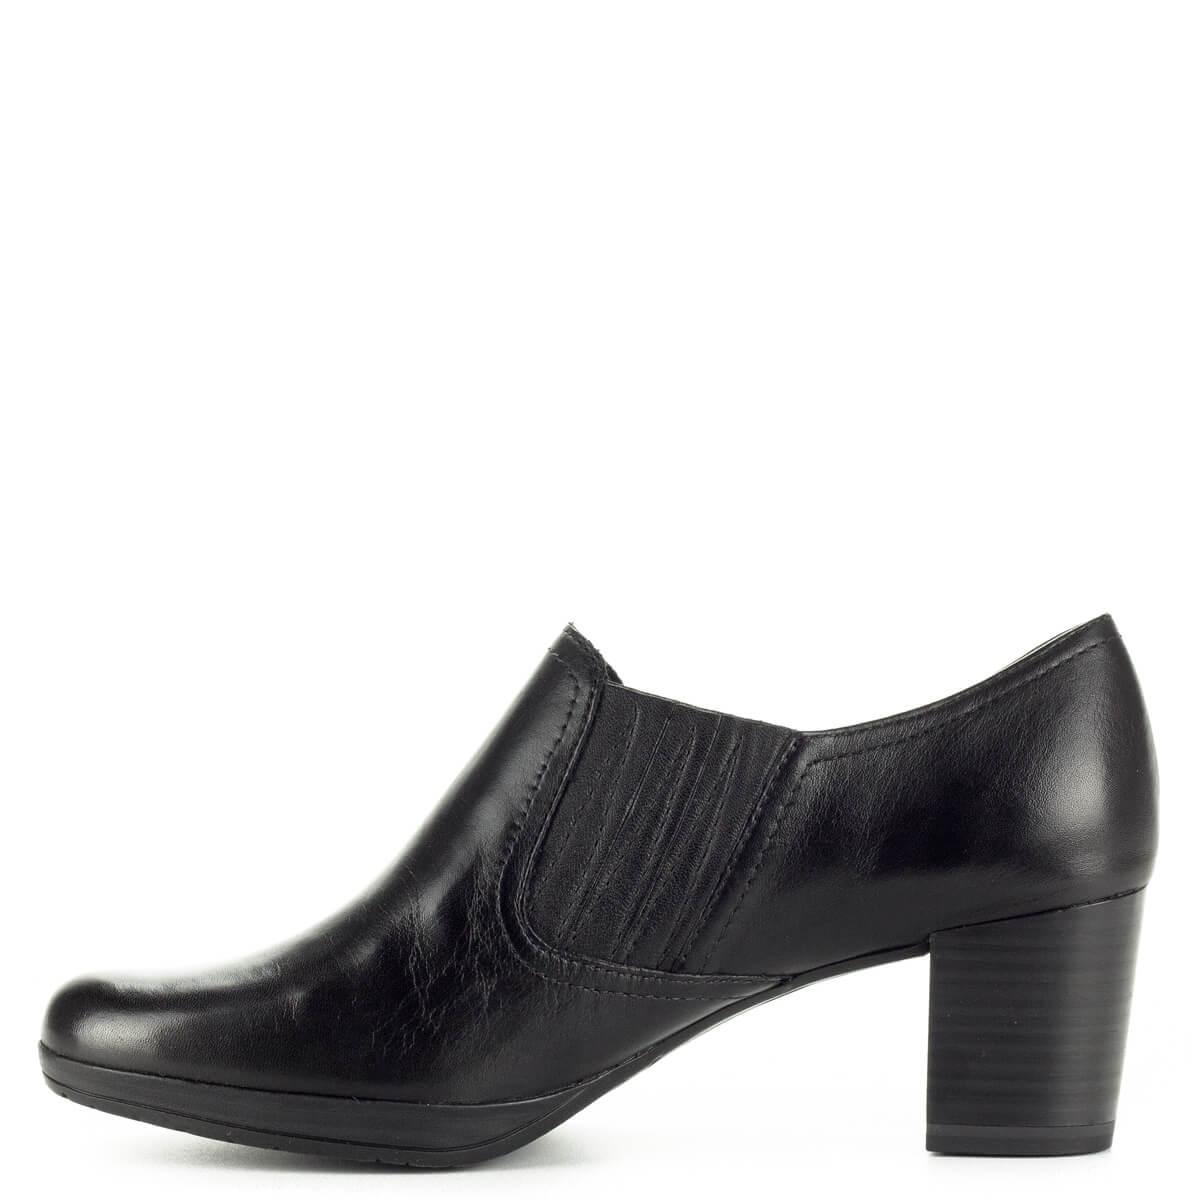 8a572fbb05 ... Marco Tozzi zárt magassarkú cipő 5,5 cm magas AntiShokk sarokkal, vastag  platformos talppal